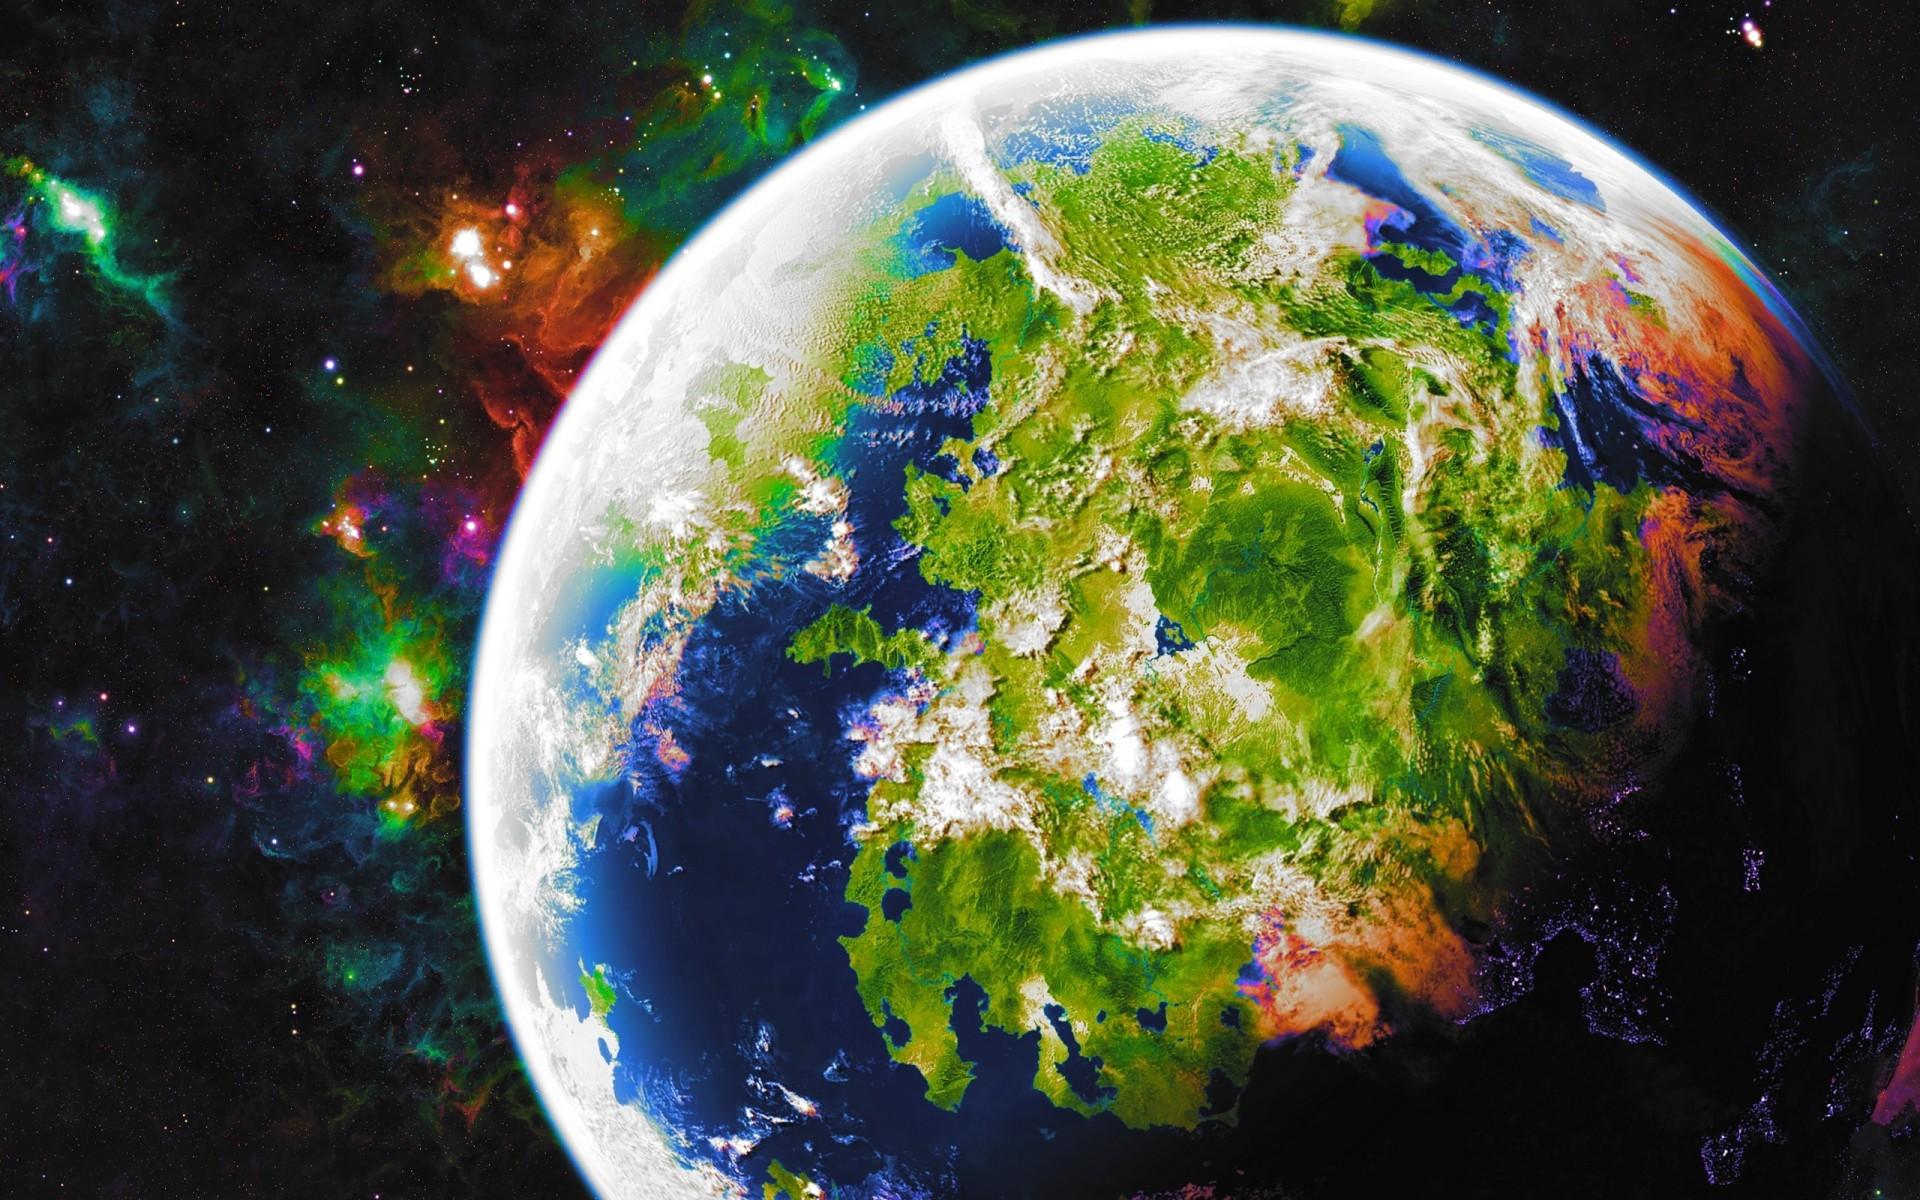 земной шар фото из космоса регулярно используют